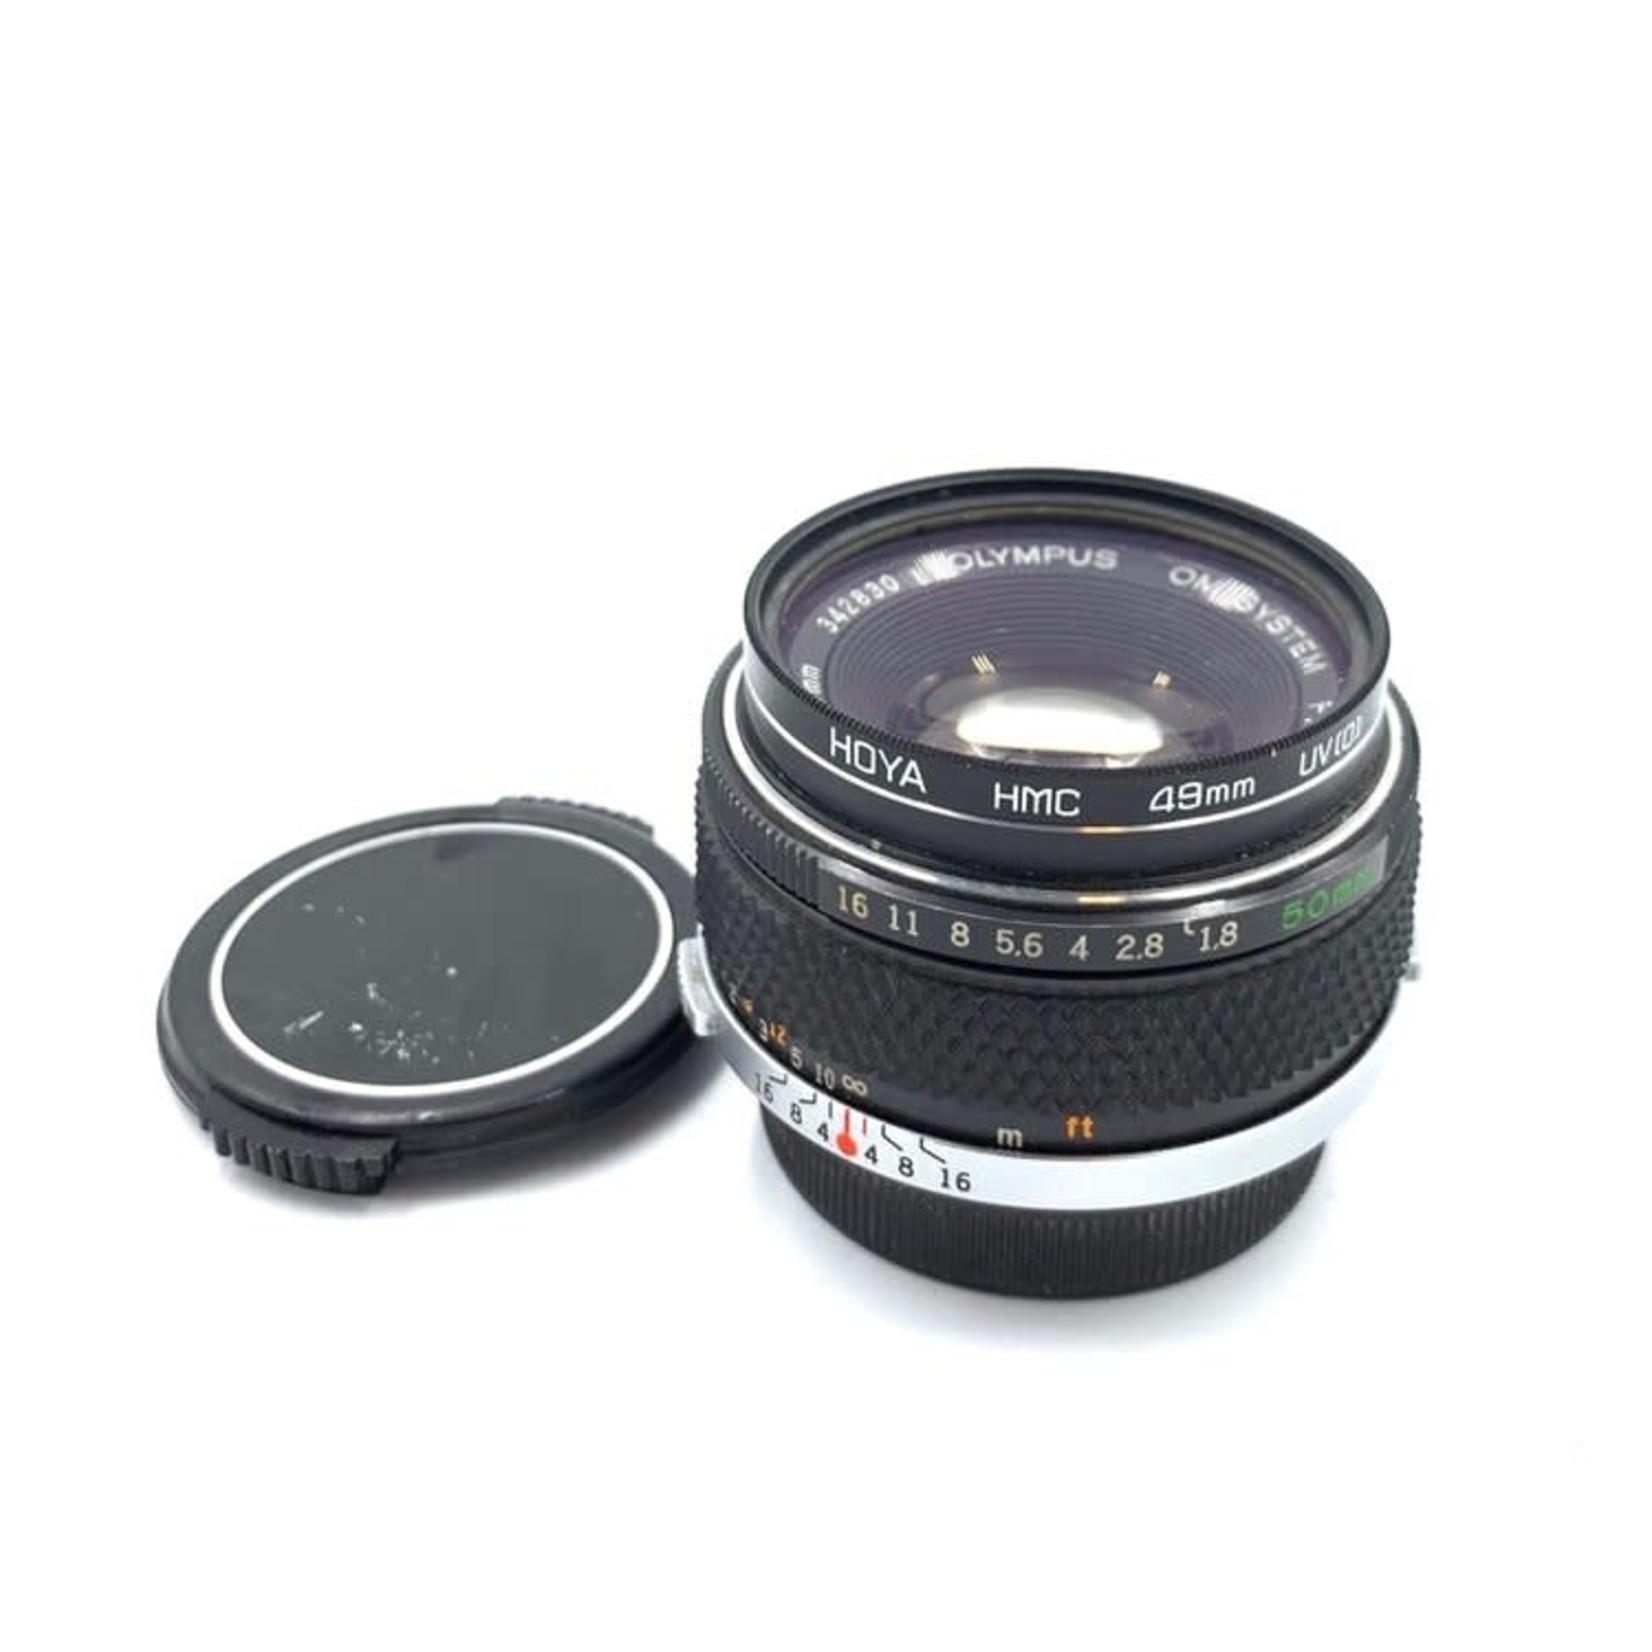 Olympus Olympus 50mm F1.8